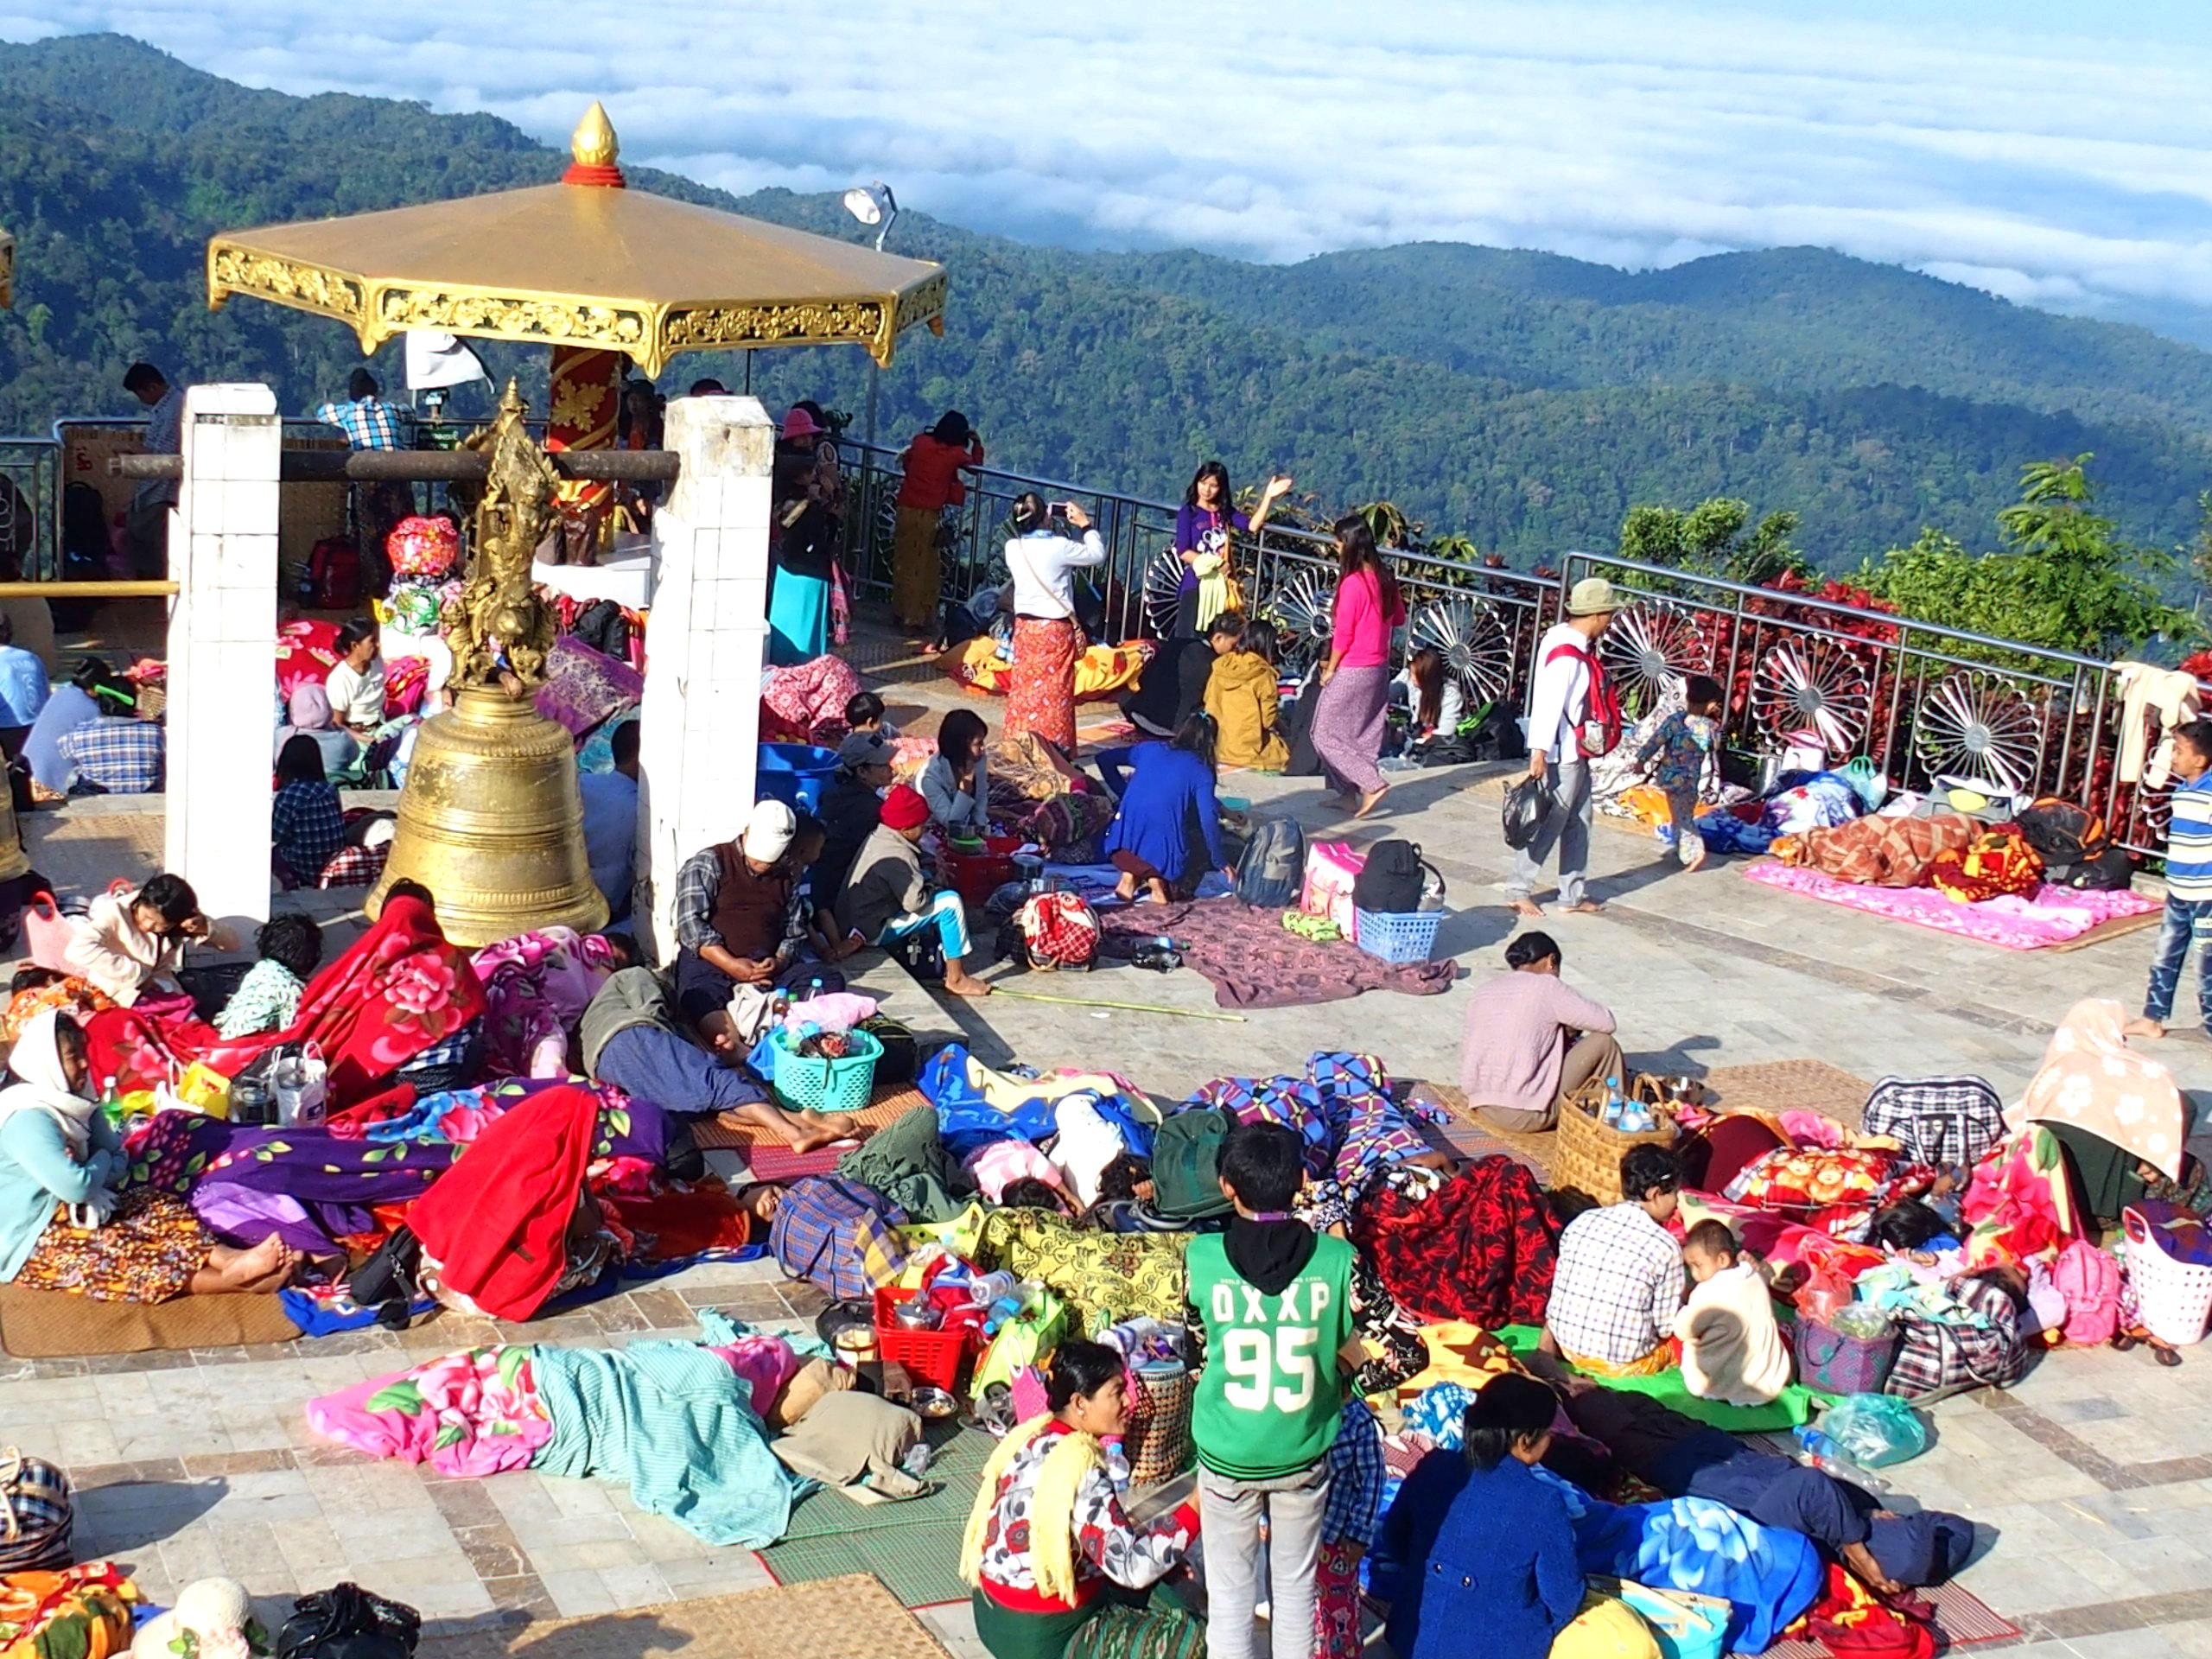 Pèlerins-qui-ont-dormi-face-au-Rocher-dOr-Birmanie